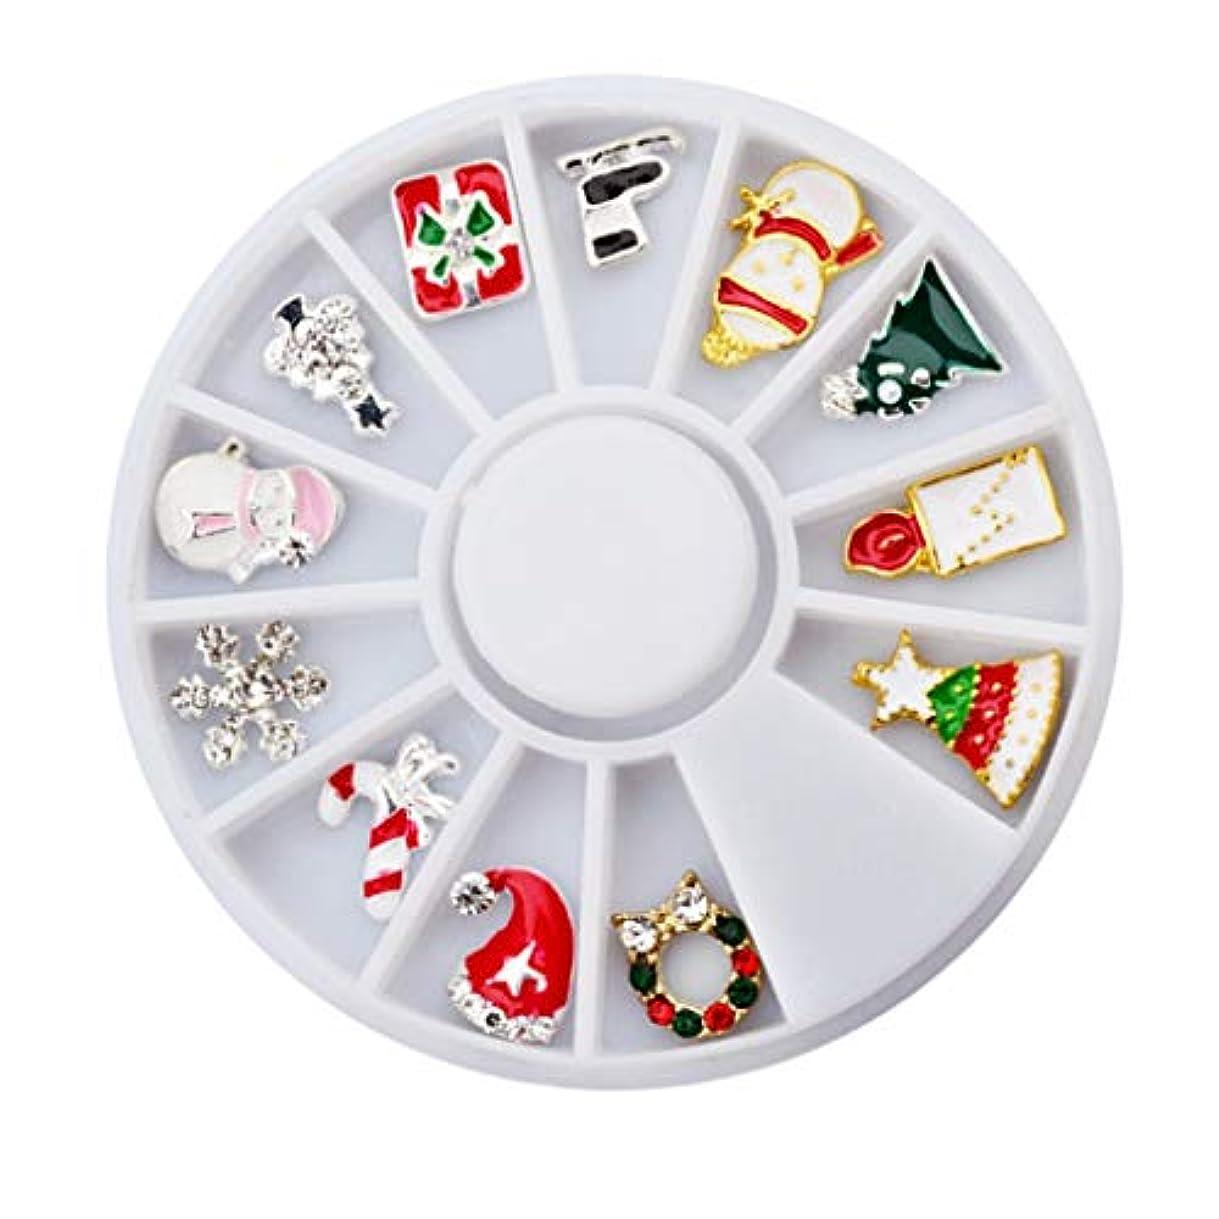 章投資する垂直Toygogo ネイルアート3Dアクセサリー12個混合クリスマス合金デカールDIY飾り装飾ステッカー